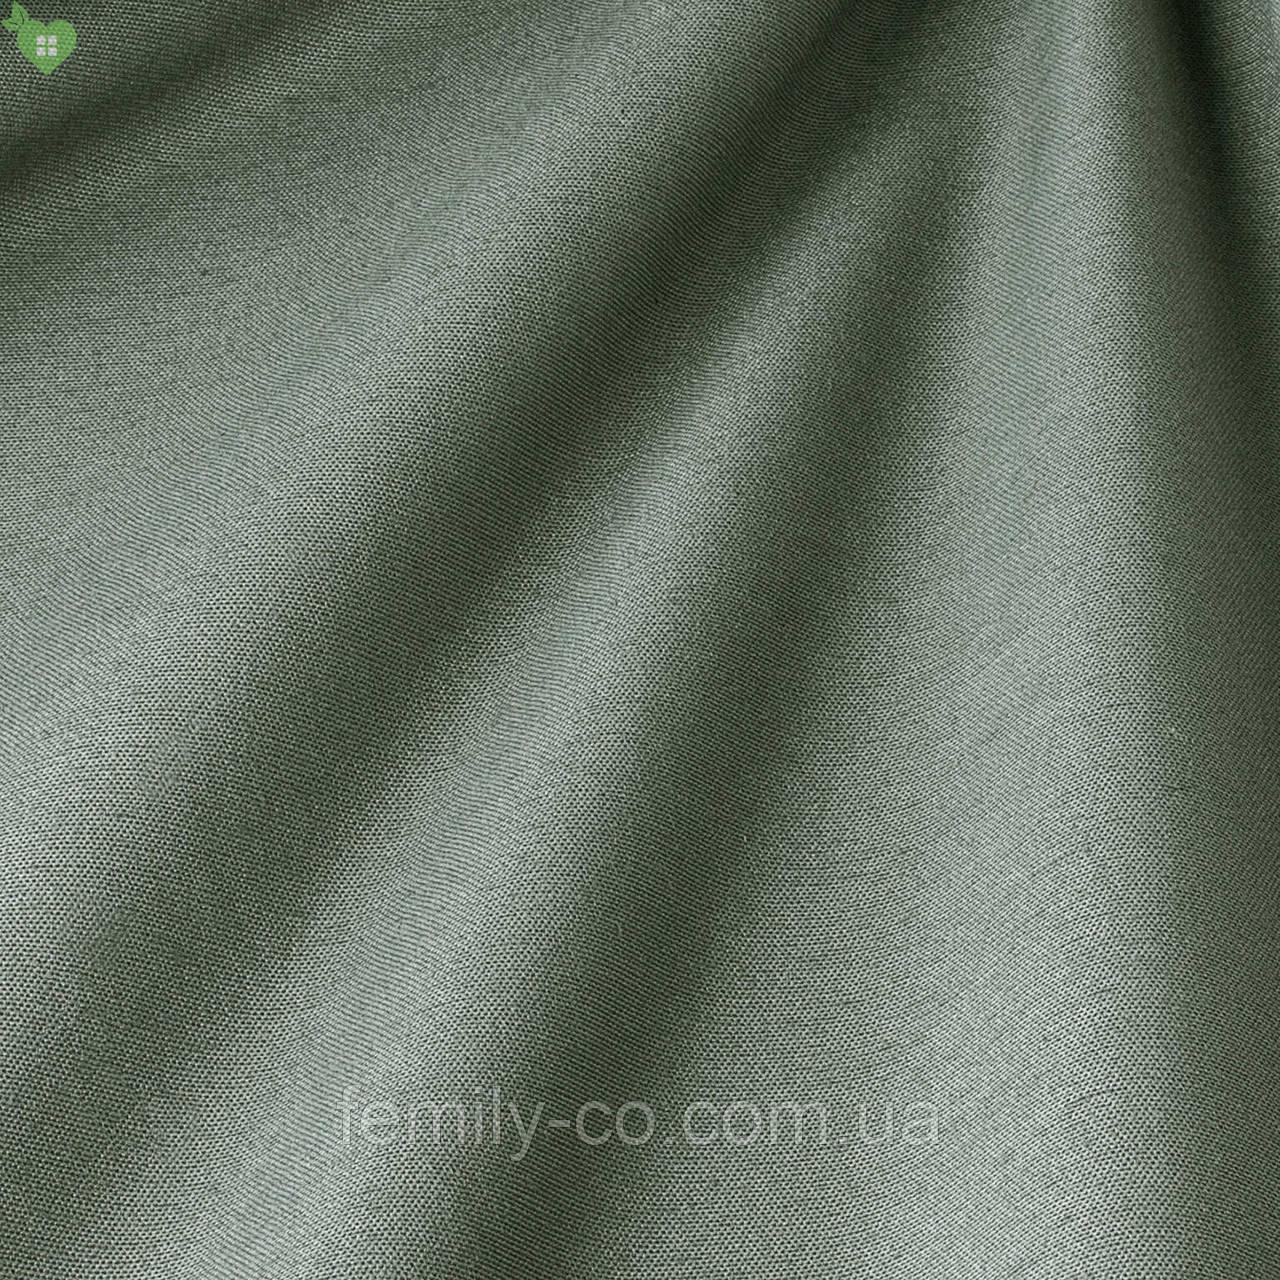 Однотонная декоративная ткань платинового цвета Испания 82461v34